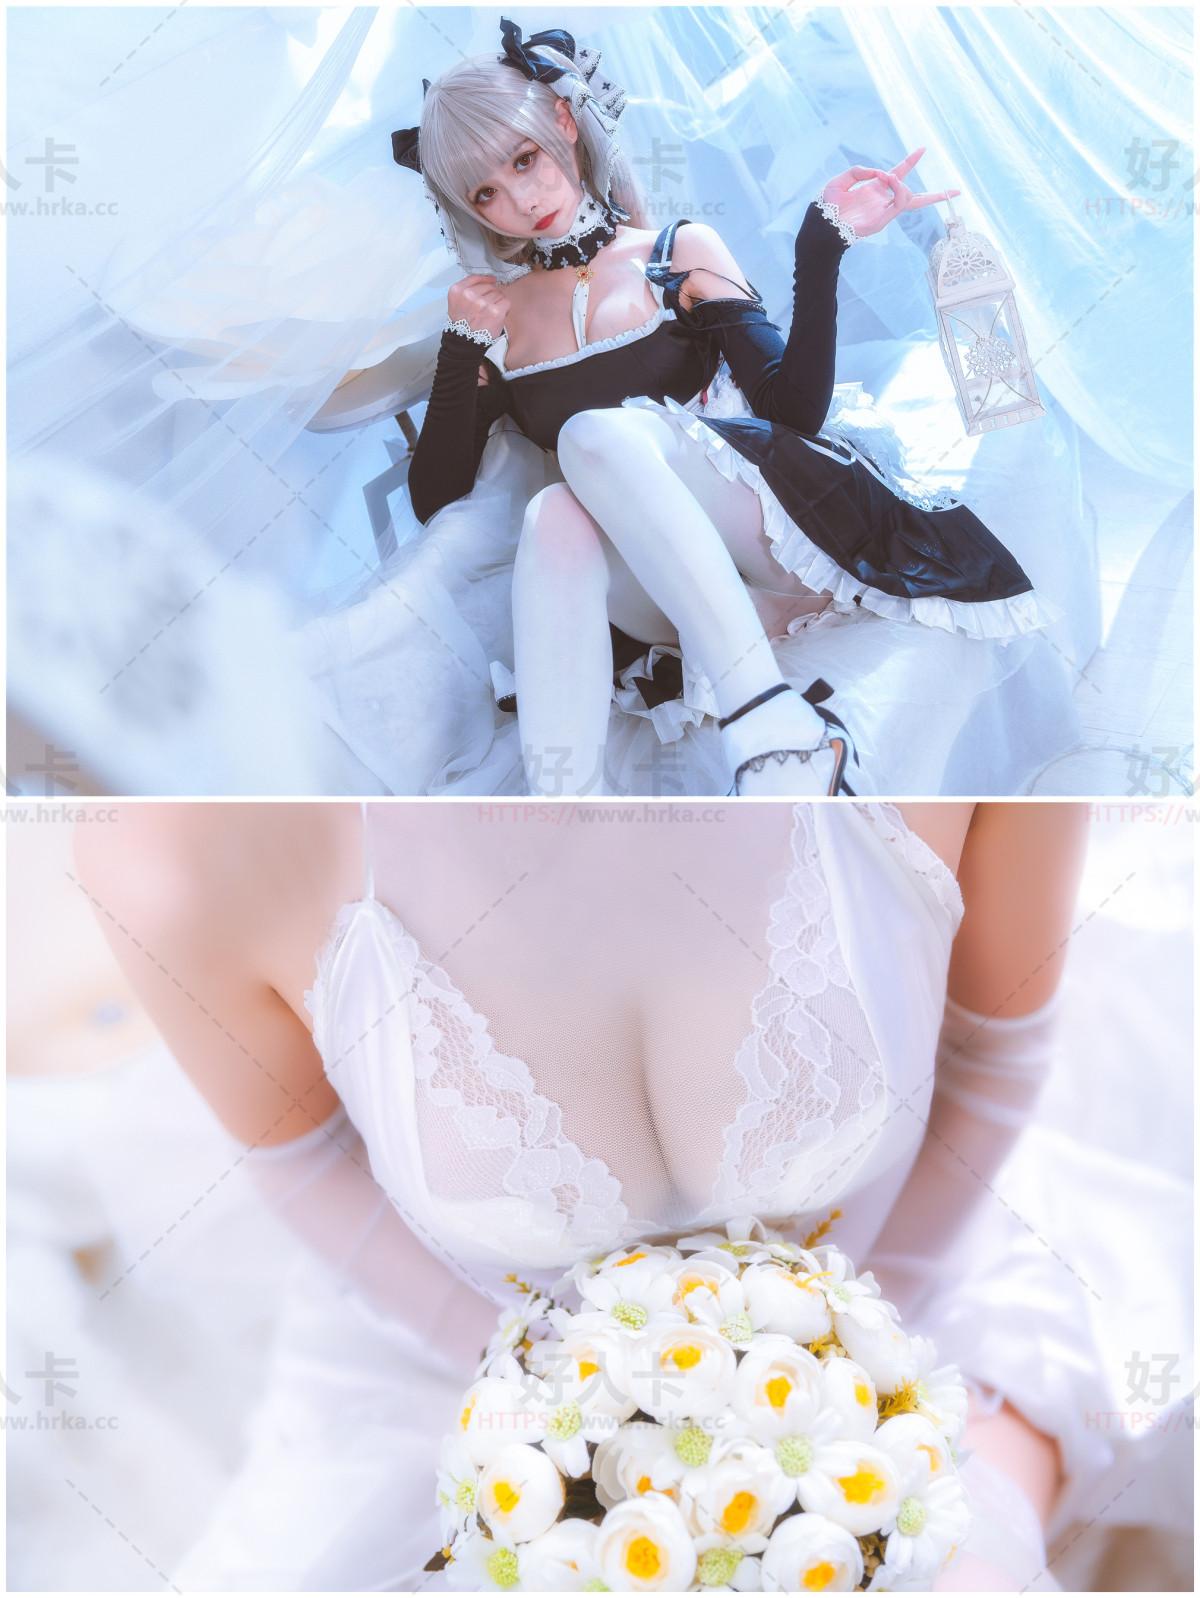 momoko葵葵:蓝天白云 夏风和你-好人卡